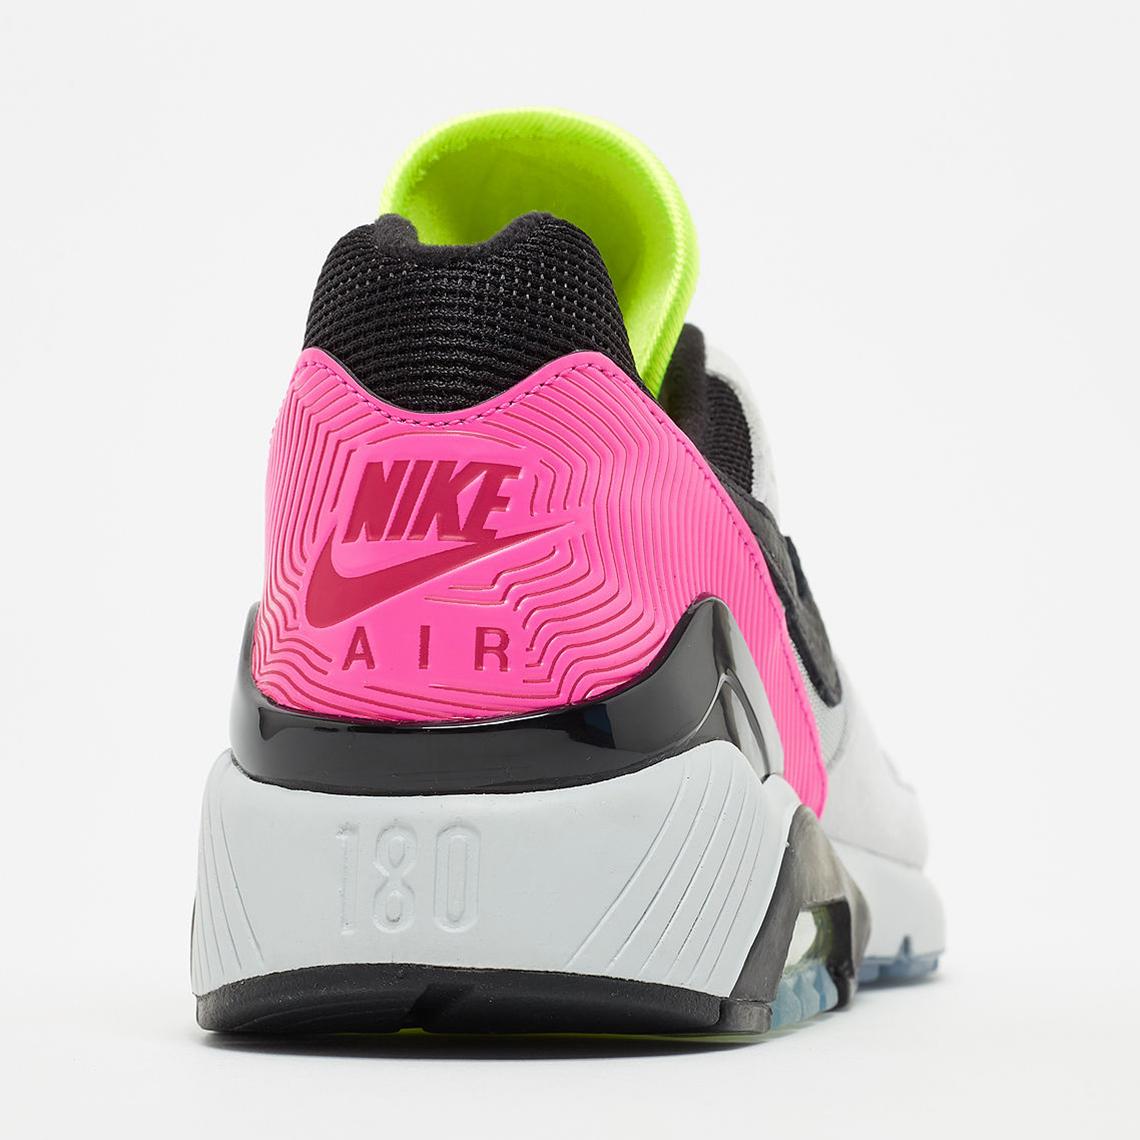 Nike Air Max 180 Berlin BV7487 001 Store List |